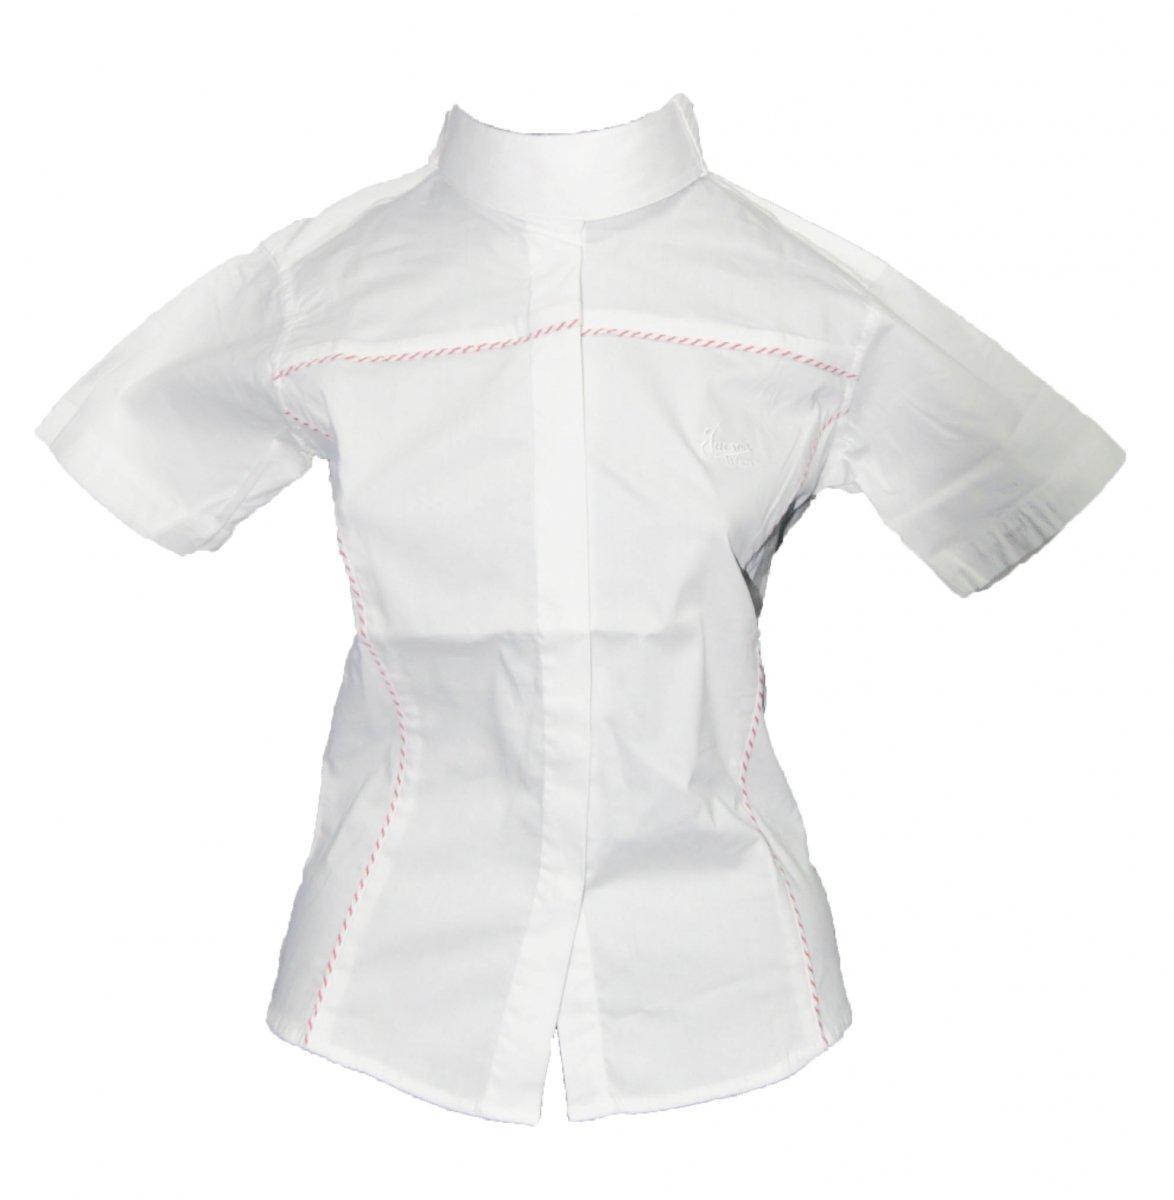 Koszula konkursowa z krótkim rękawem młodzieżowa - Jacson - biały/czerwony